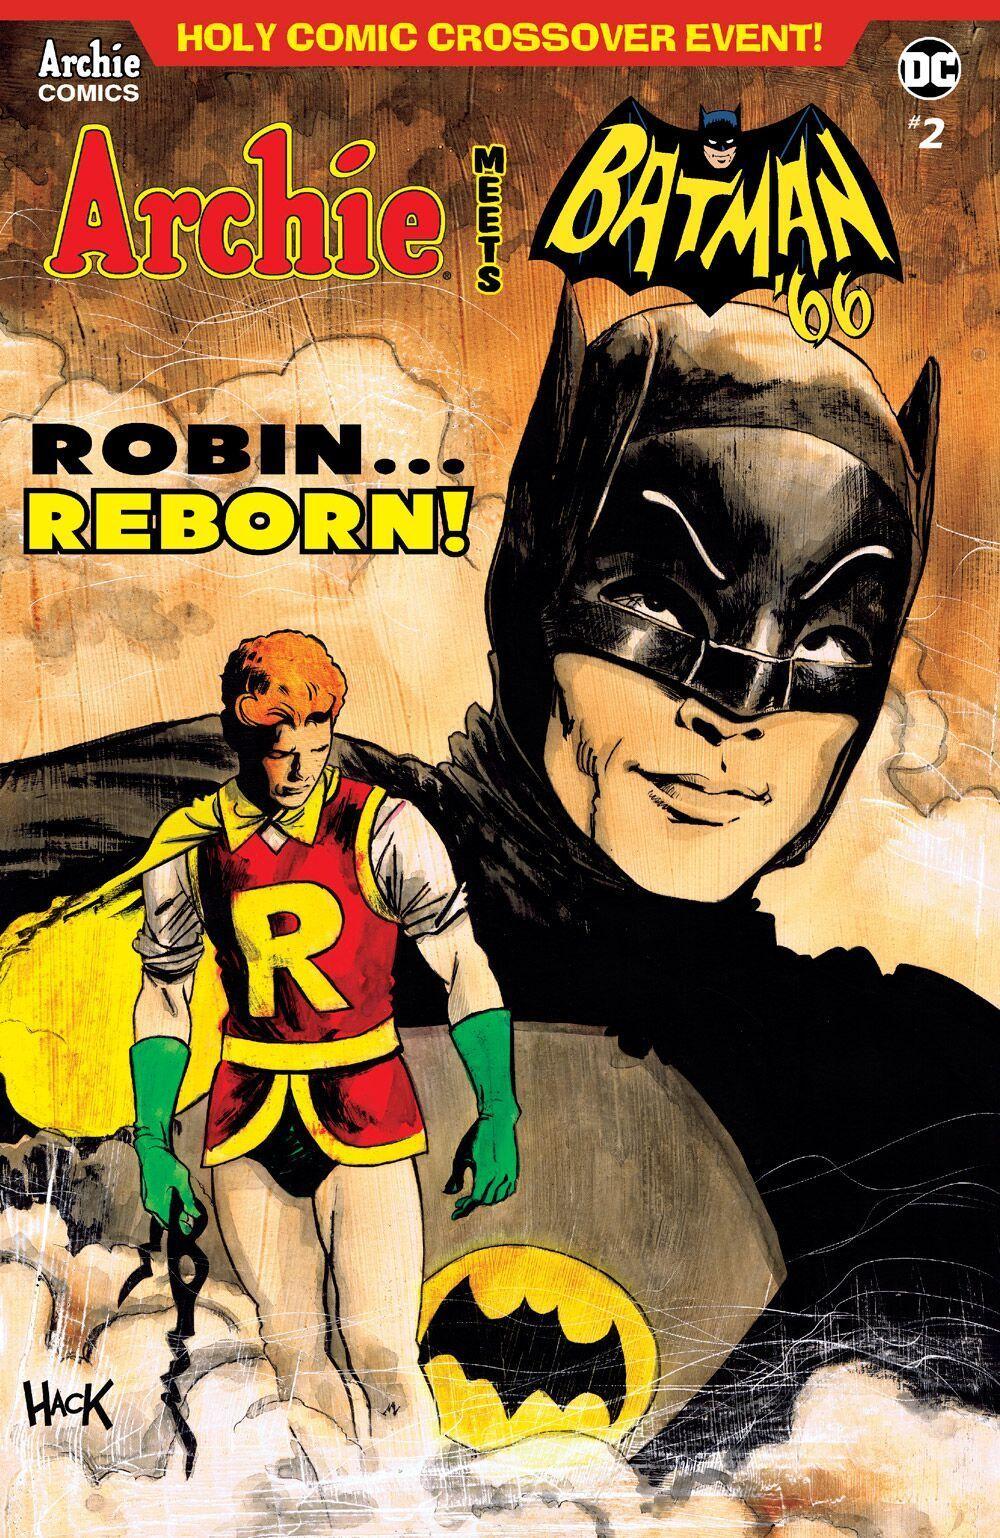 Batman-Archie-2-Cover-4